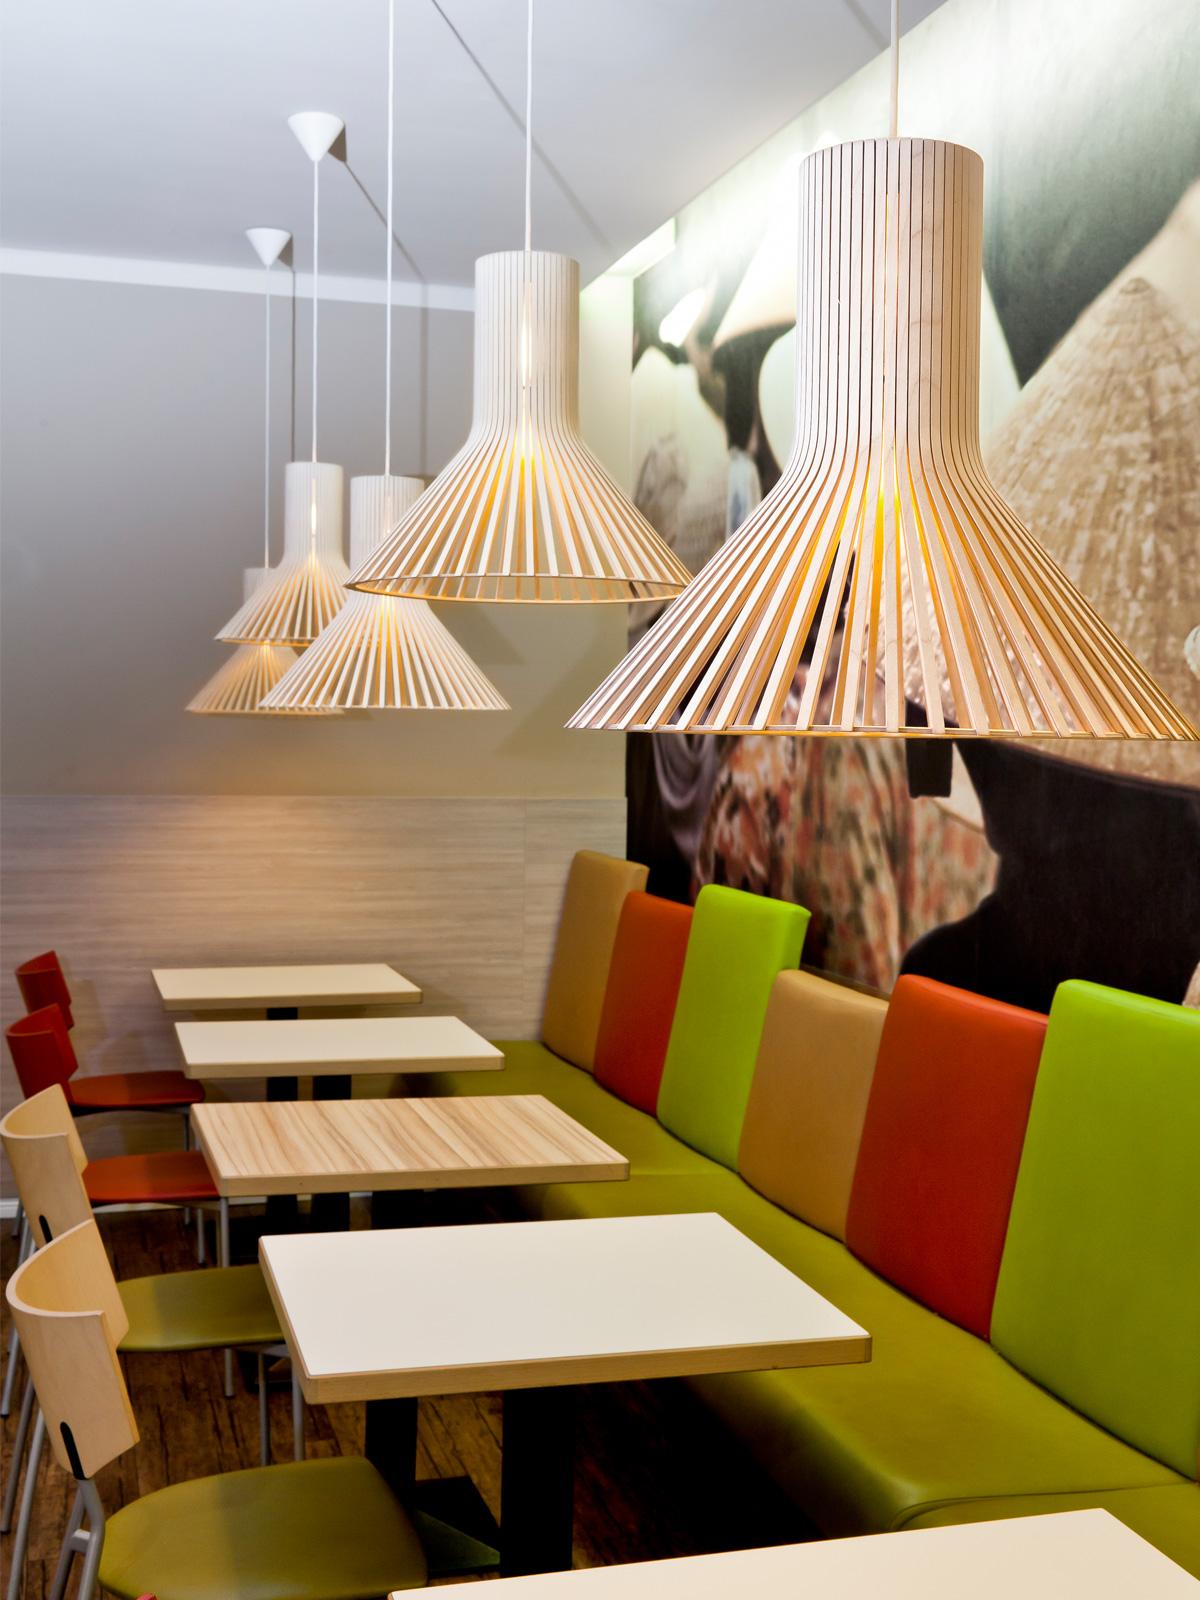 Secto Puncto 4203 Pendelleuchte von Secto Design aus nachhaltiger Forstwirtschaft